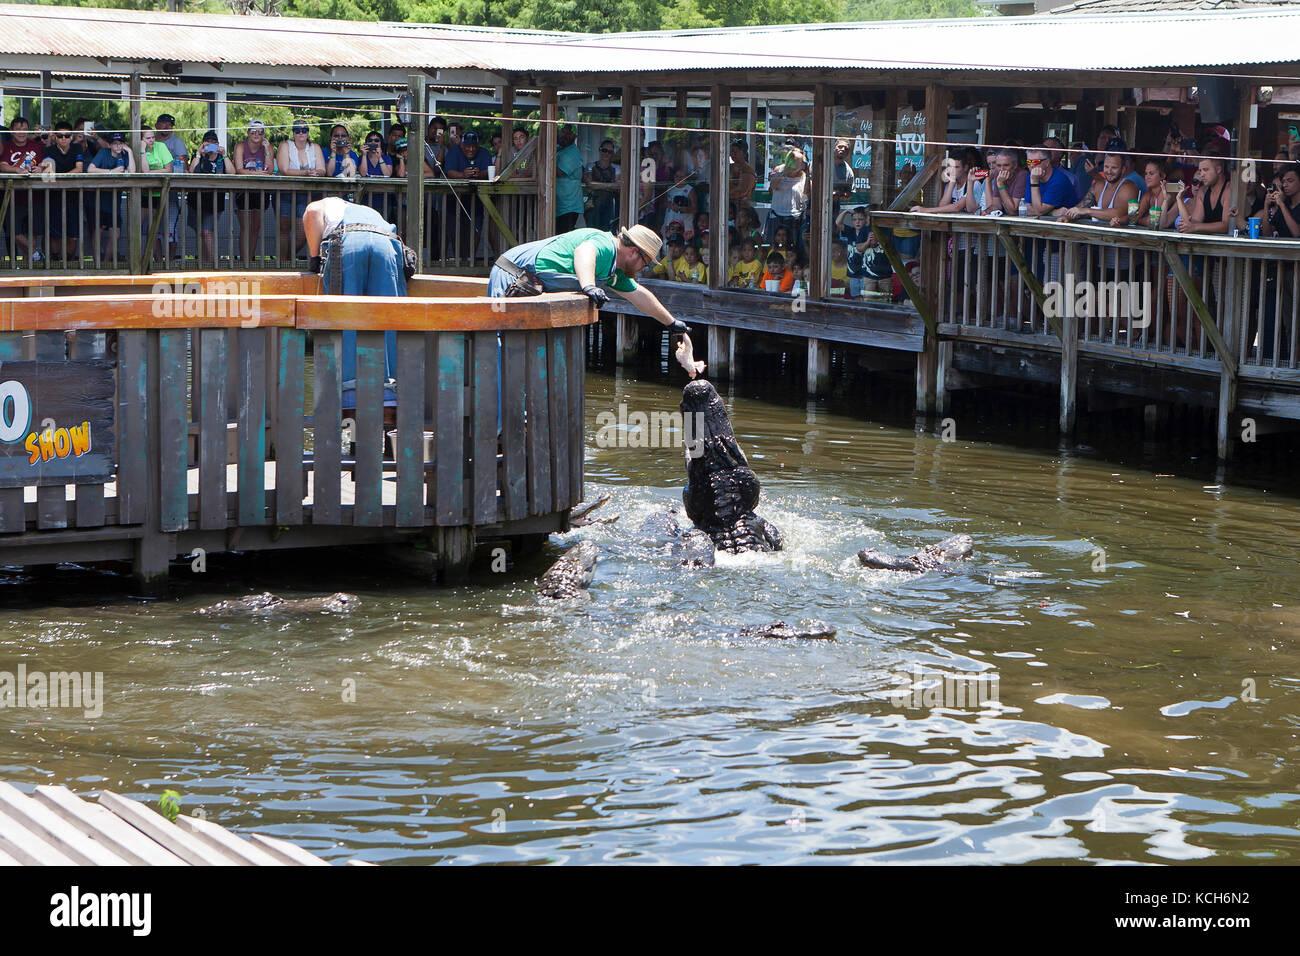 Alligators being fed at Gator Jumparoo Show, Gatorland - Orlando, Florida USA - Stock Image